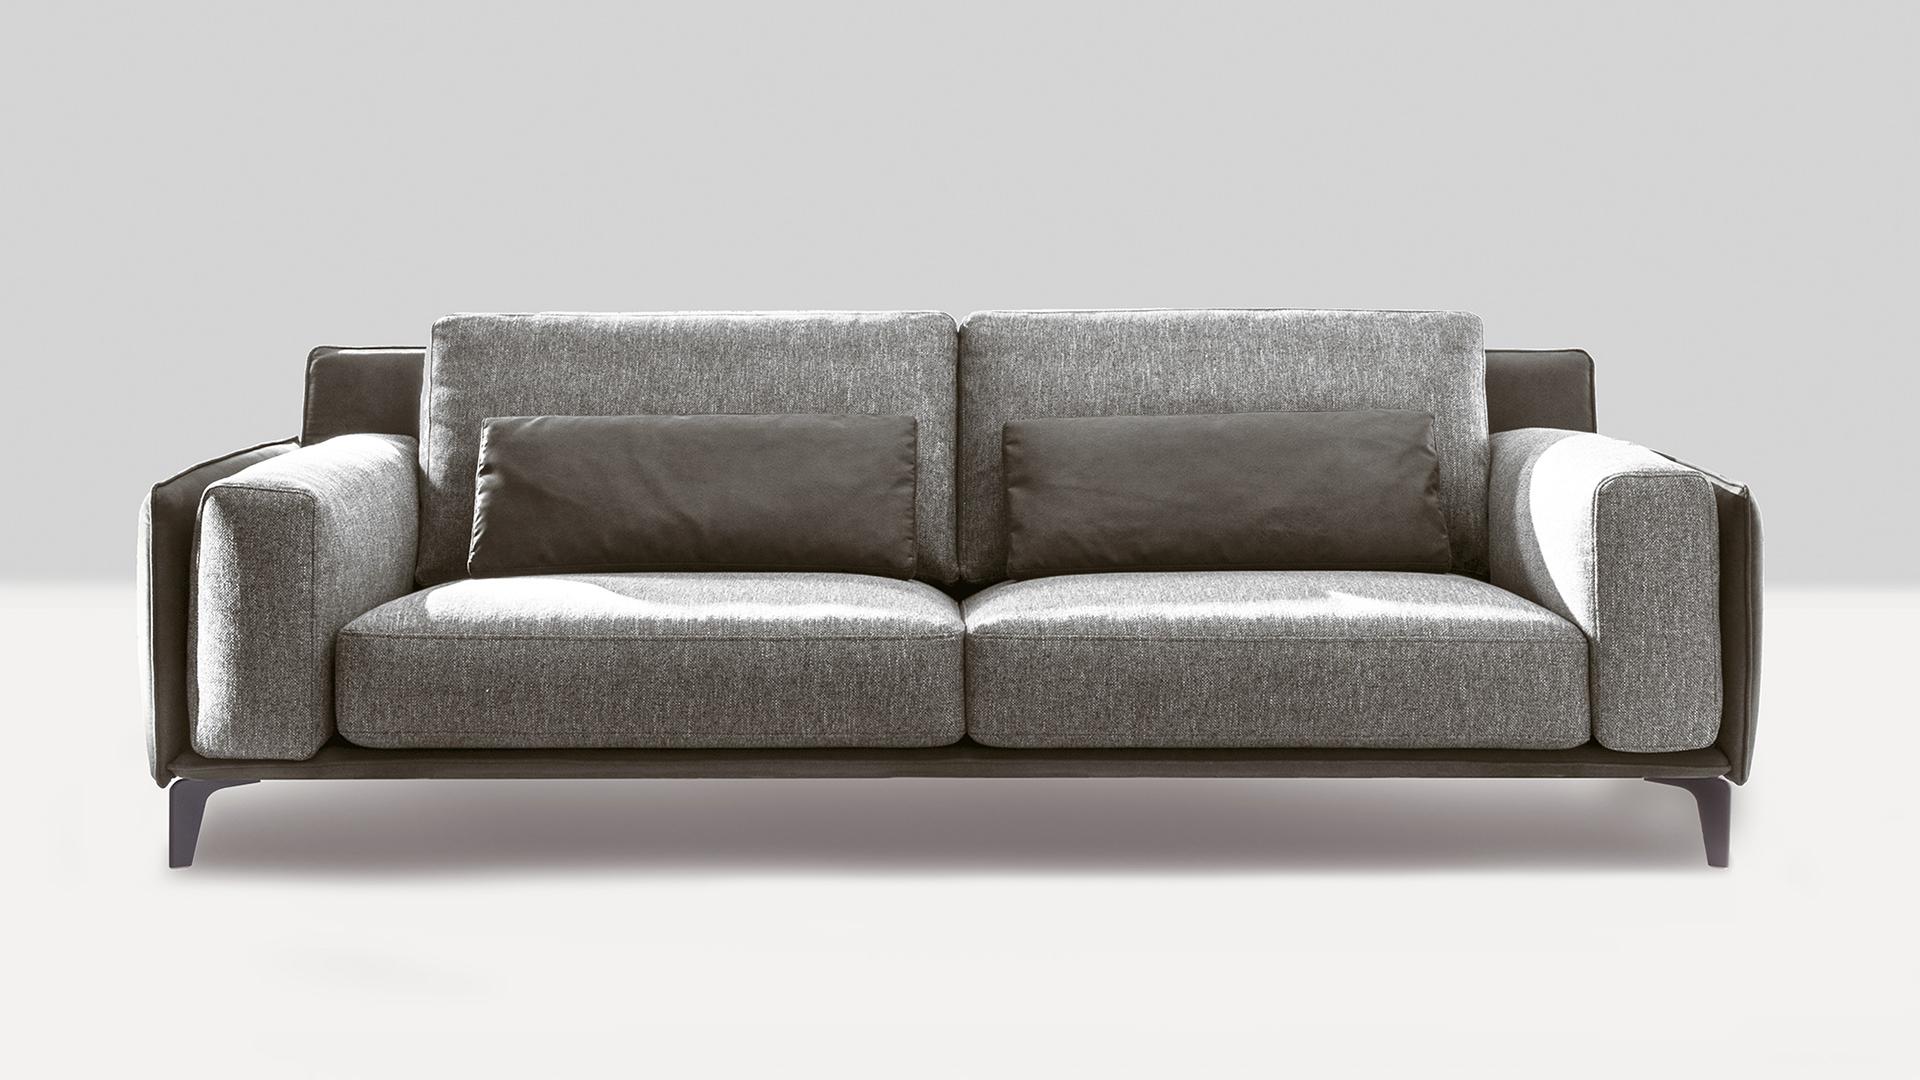 divano-lineare-sollevato-da-terra-berlino-murtarelli